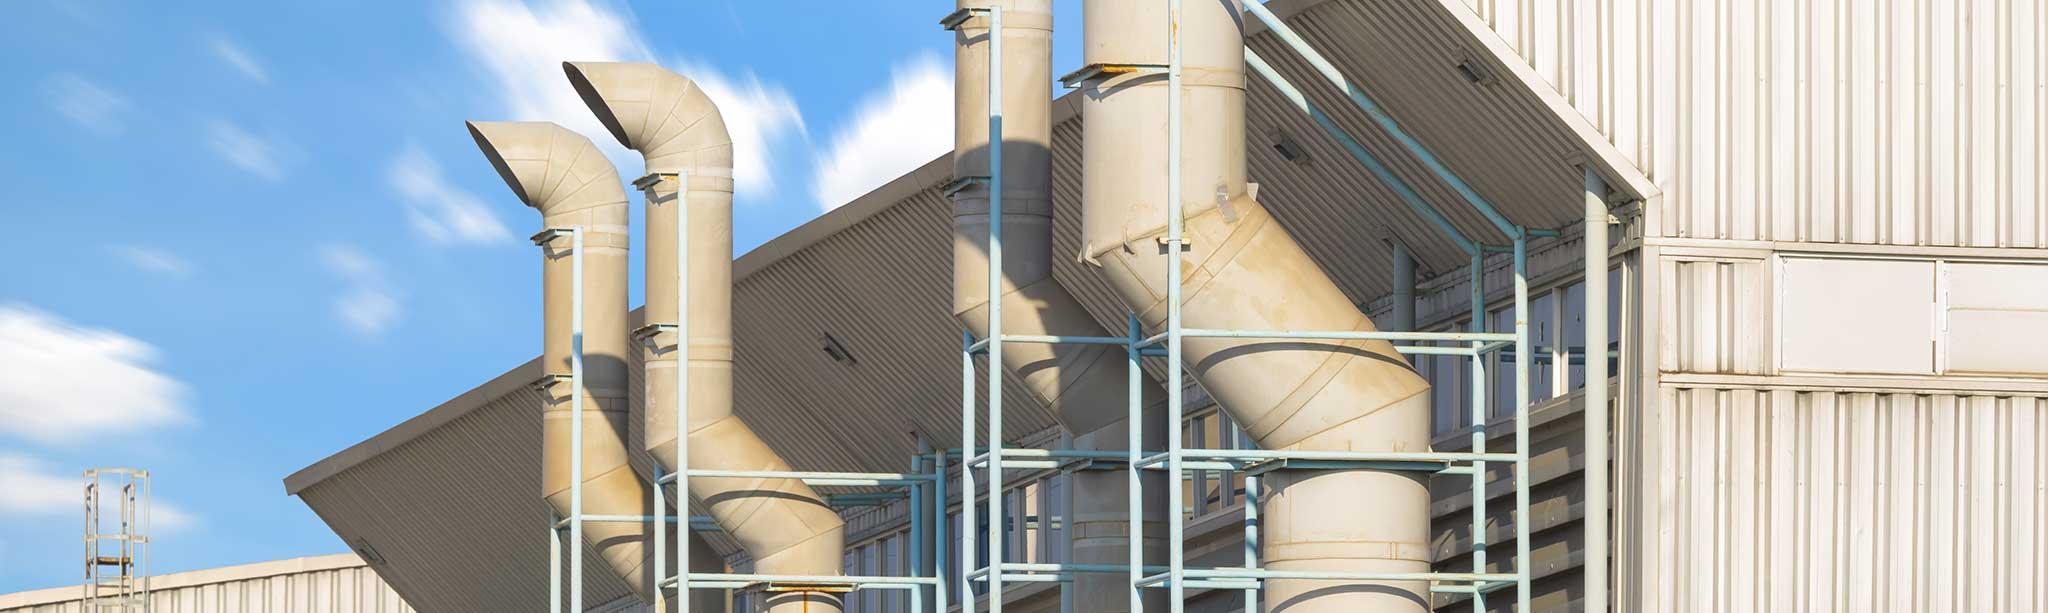 Emission Monitoring Header Image